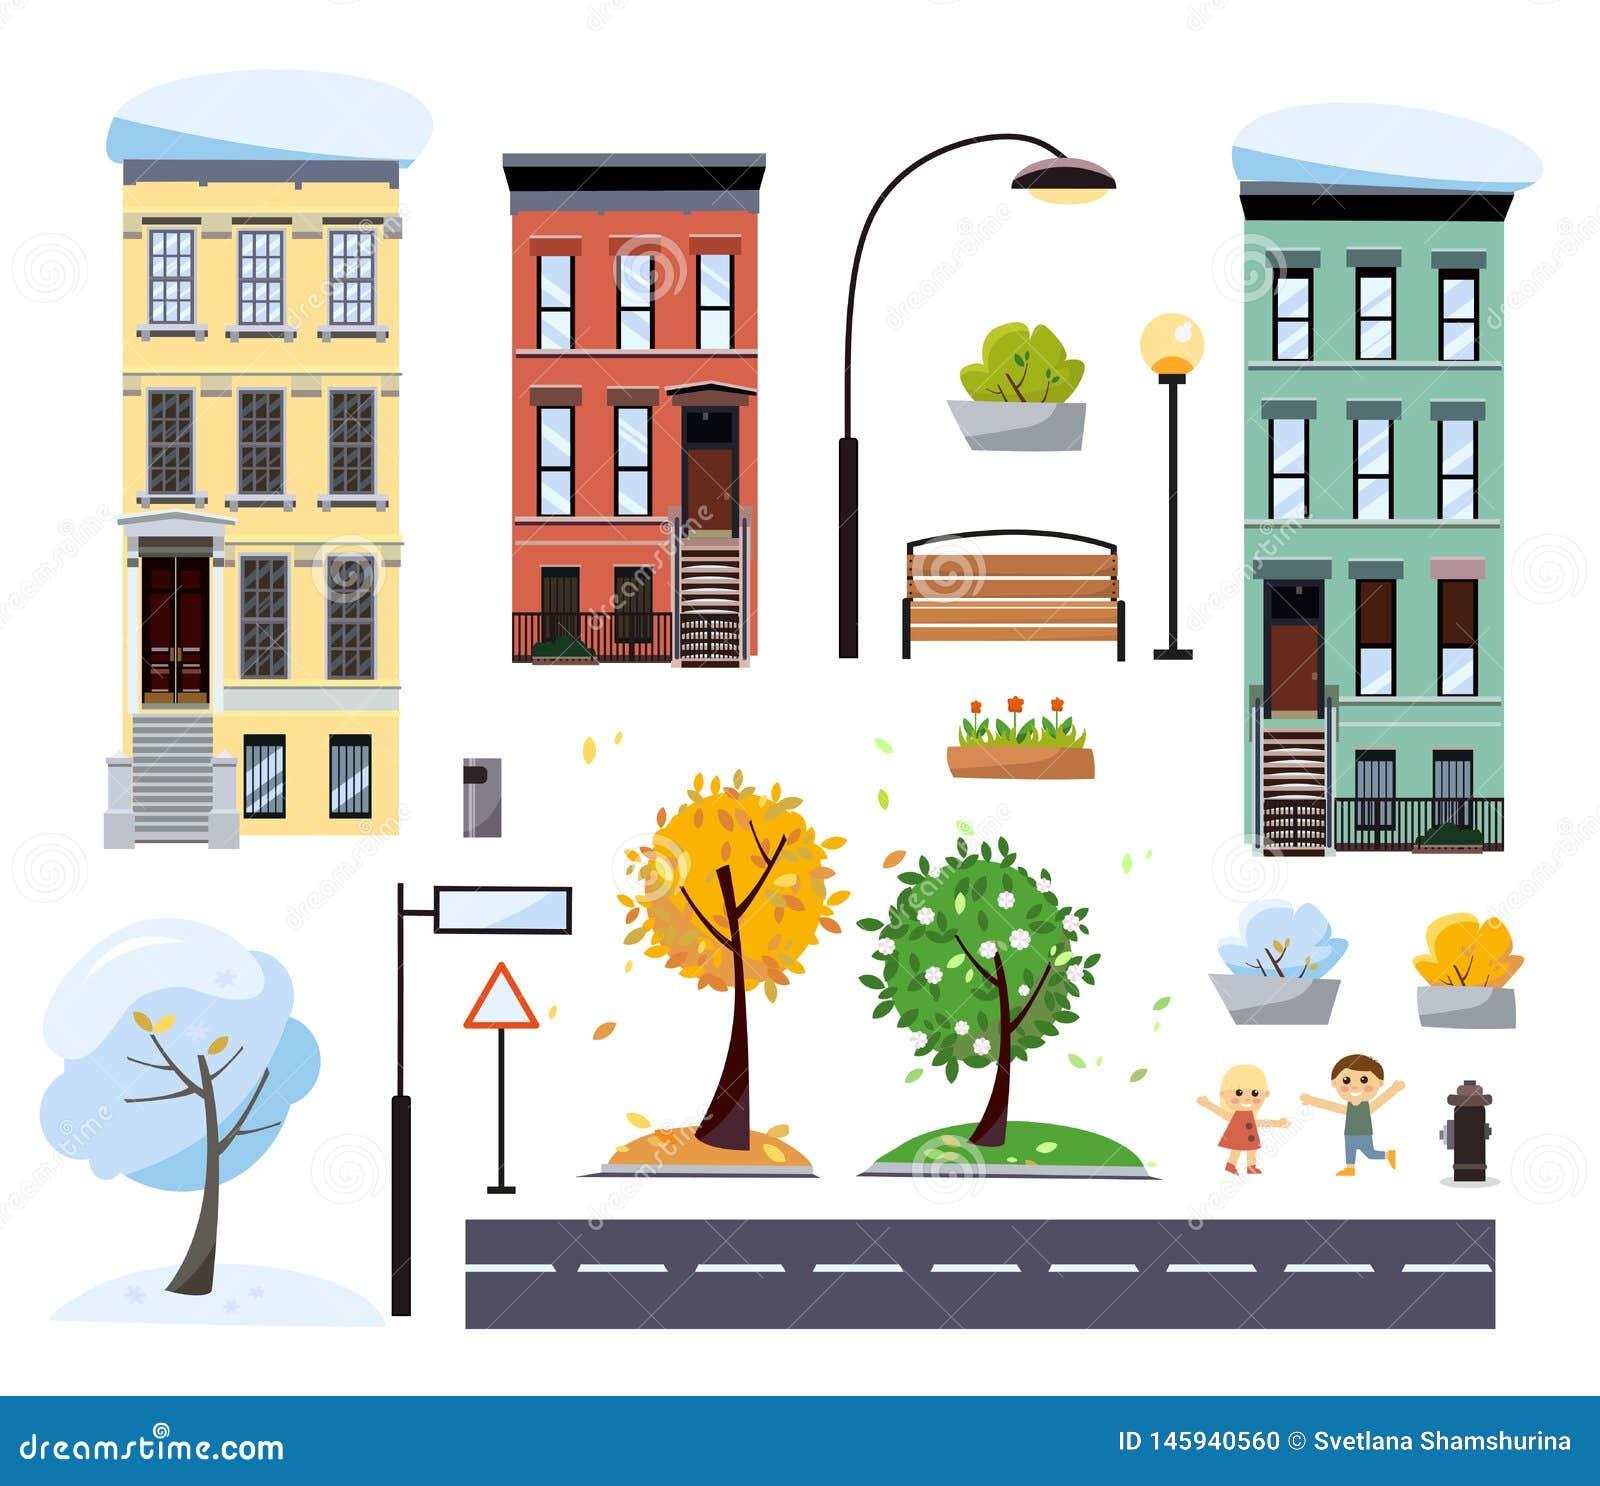 Дома города плоского вектора стиля мультфильма двухэтажные, улица с дорогой, деревьями, стендом, дорожными знаками, фонариками 4